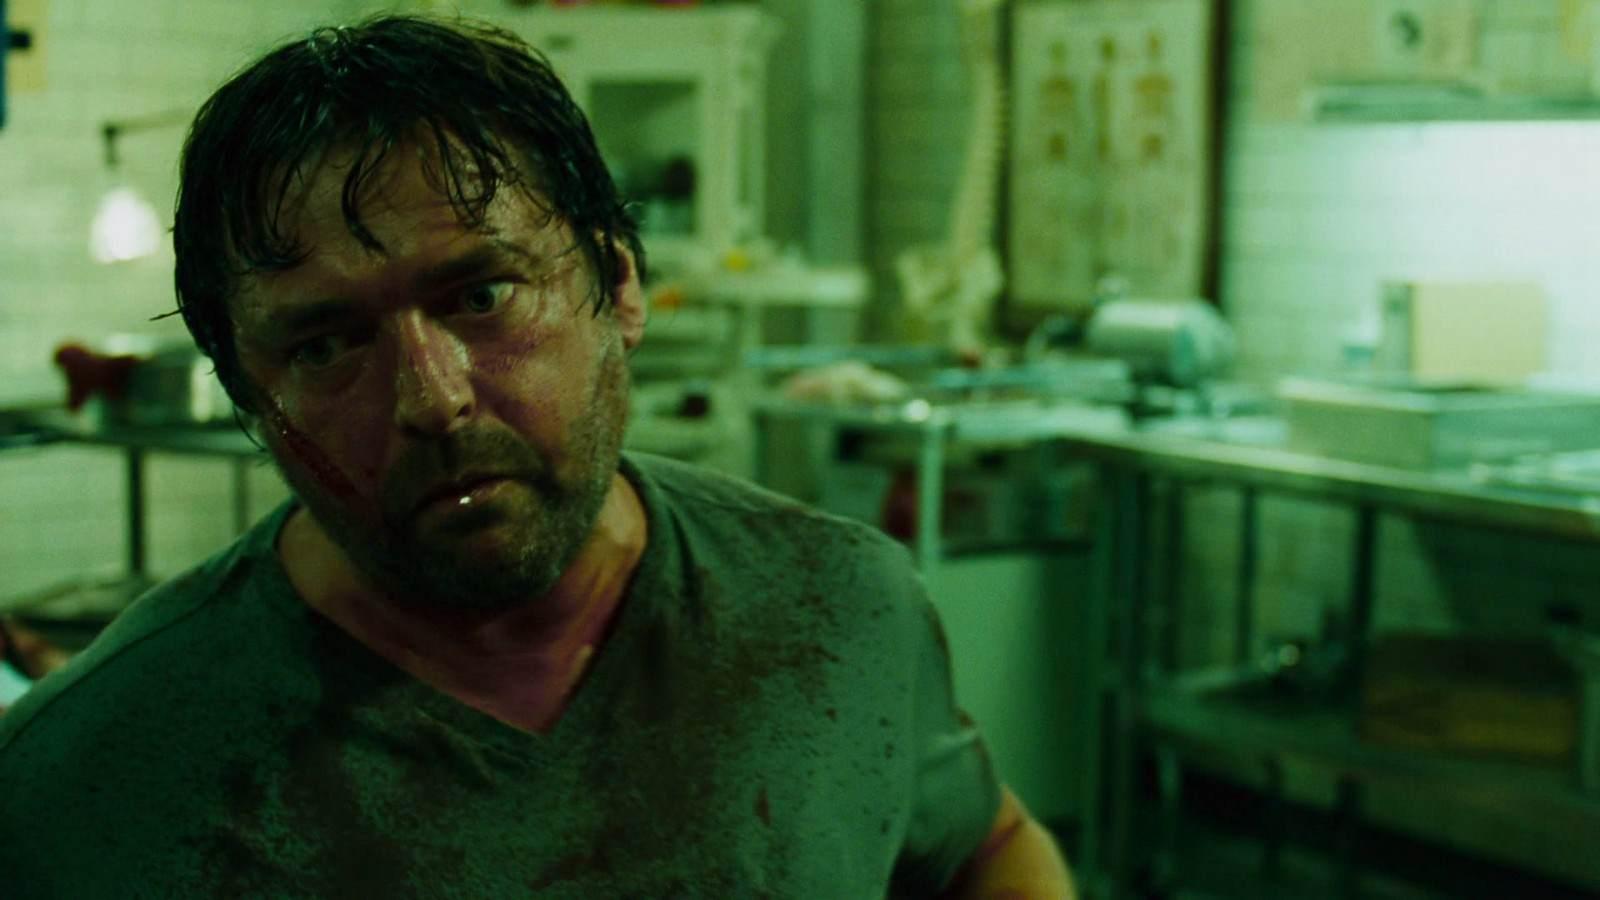 Movie, Saw IV(美國, 2007年) / 奪魂鋸4(台灣) / 恐懼鬥室4:回頭是岸(香港) / 电锯惊魂4(網路), 電影劇照, 角色與演員介紹